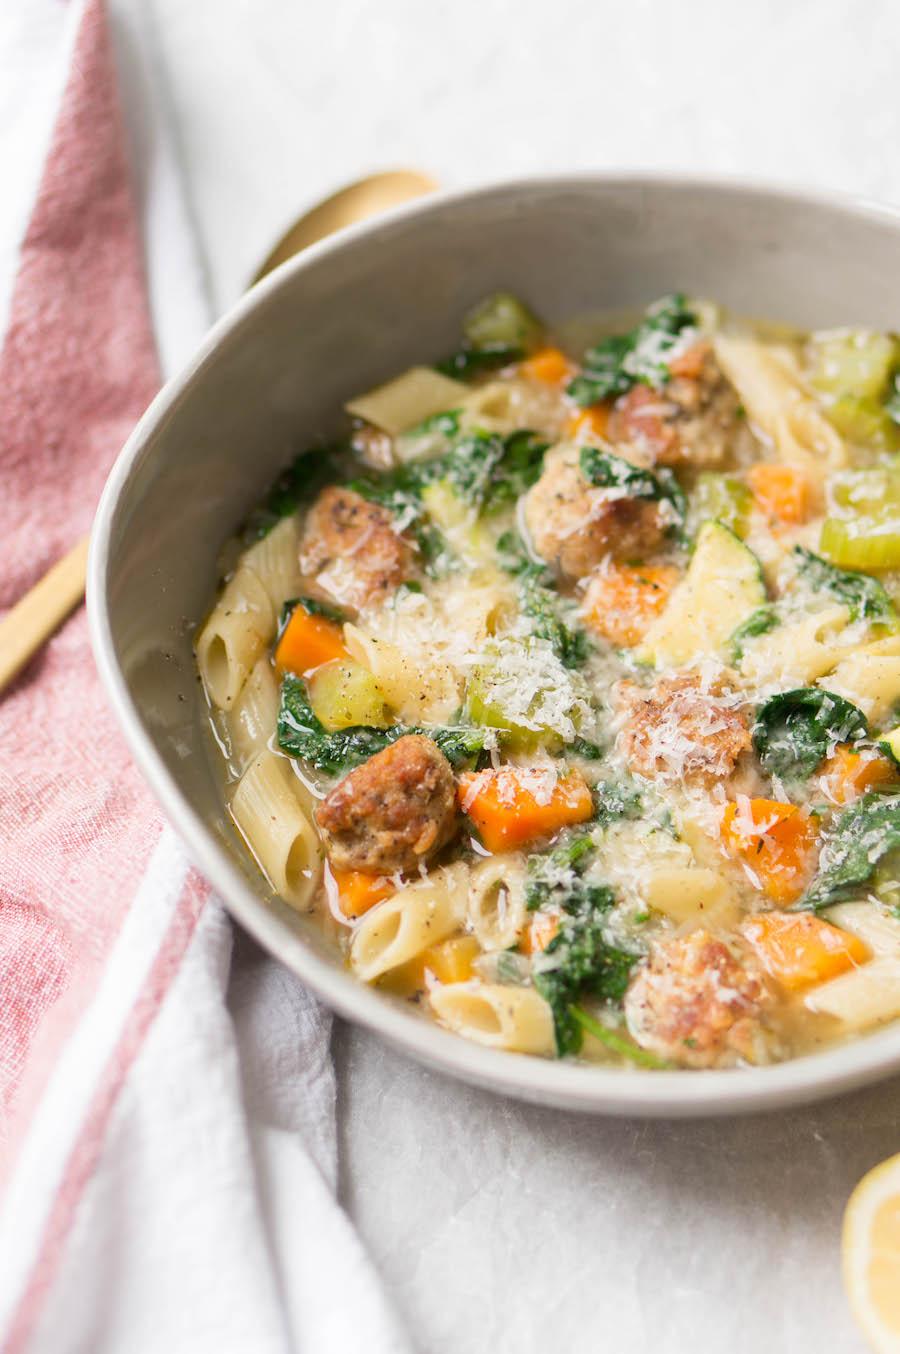 Recepten voor warm weer: zomer minestrone